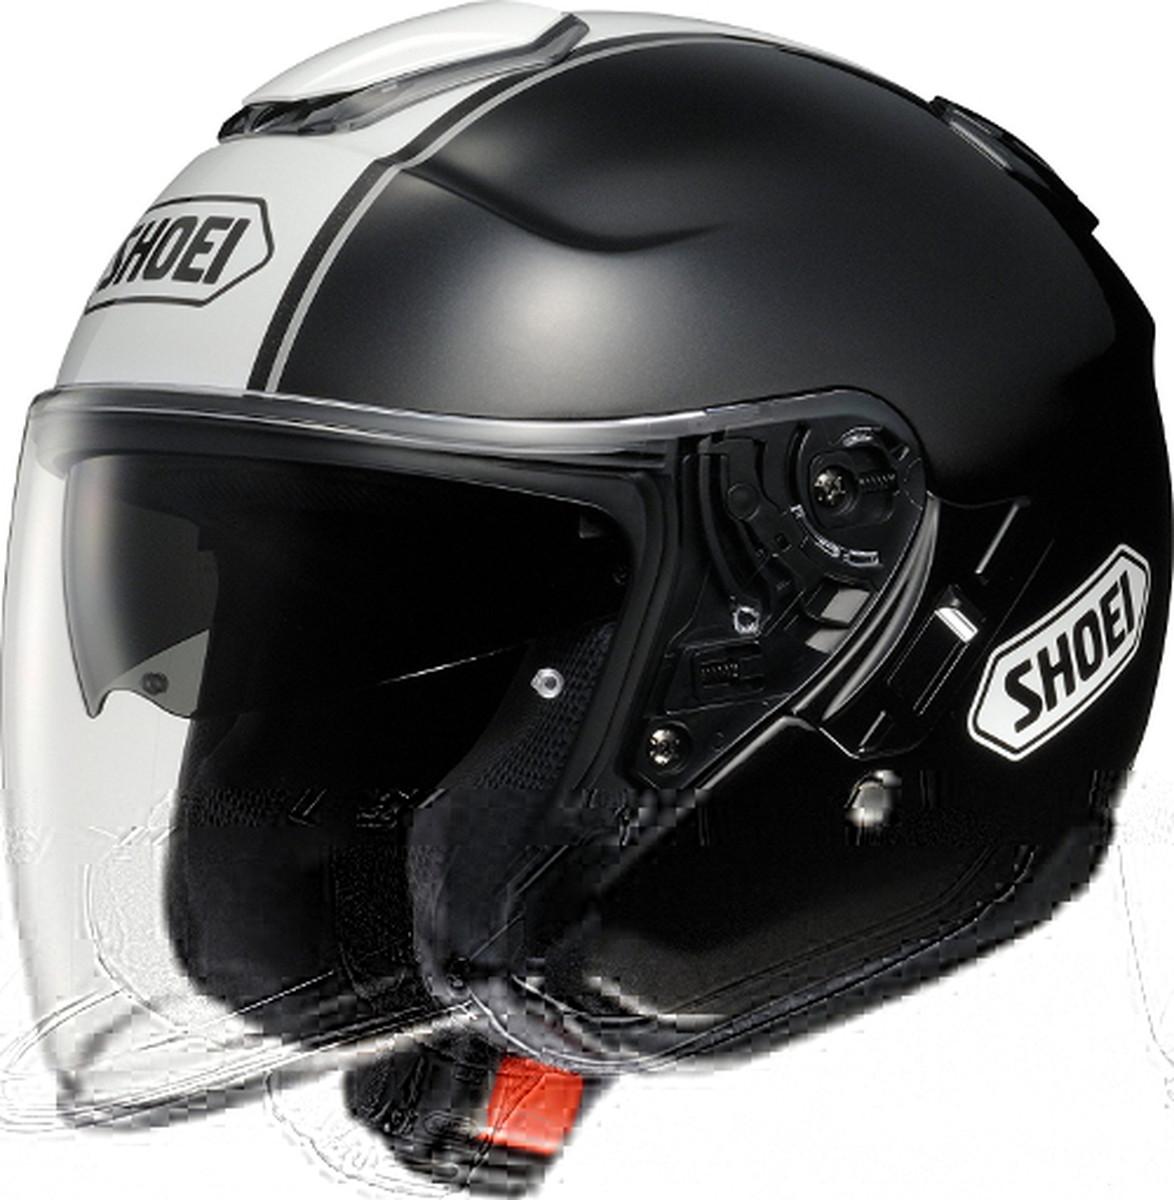 【動画あり】 SHOEI ジェットヘルメット J-CRUISE CORSO (コルソ) TC-5 XLサイズ